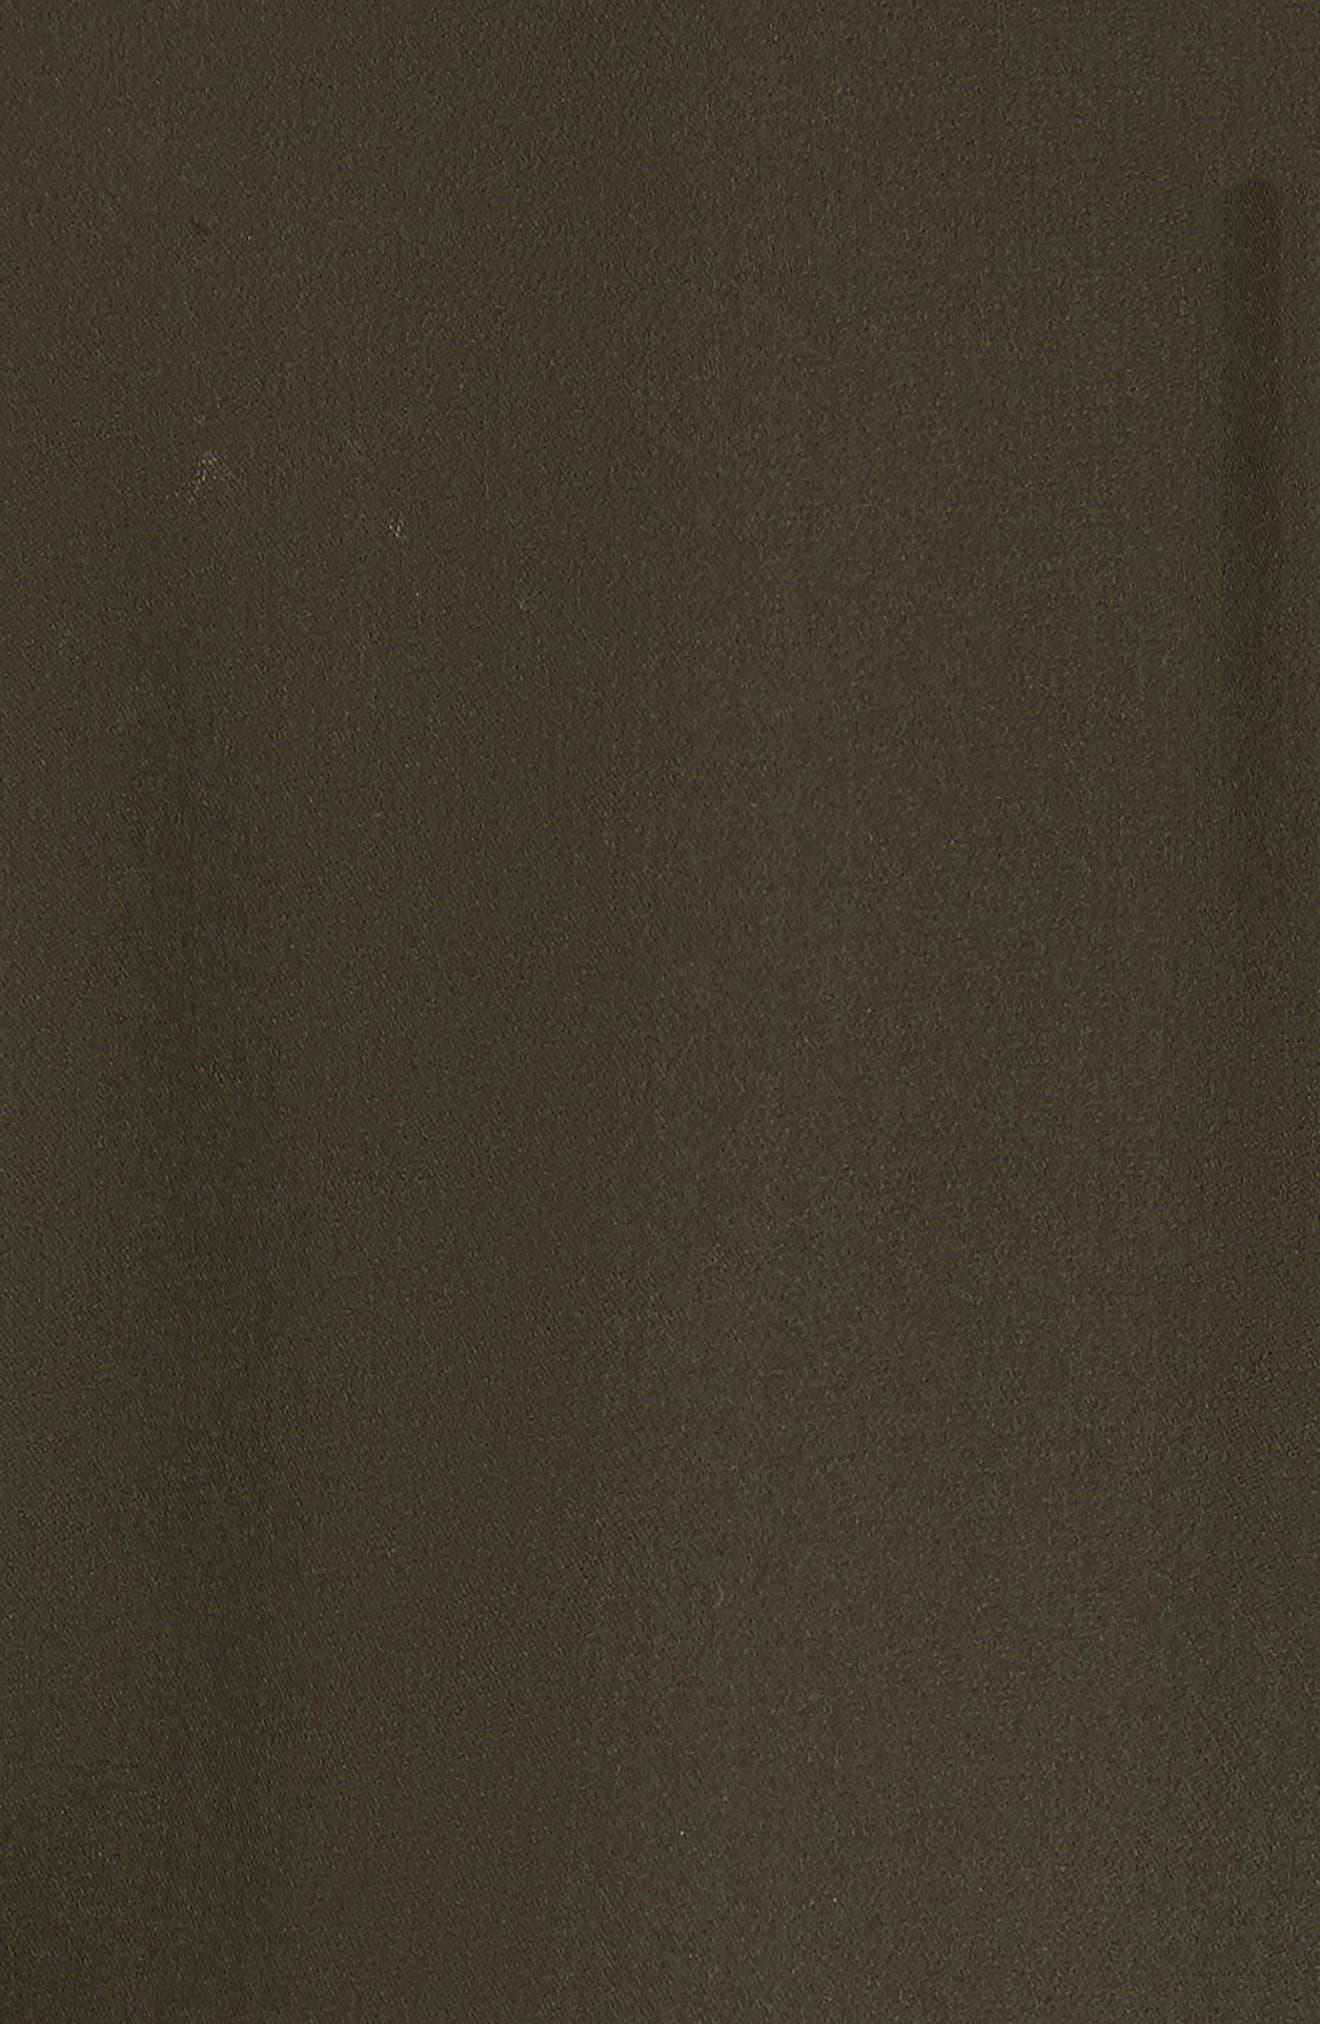 Colette Silk Blouse,                             Alternate thumbnail 5, color,                             306